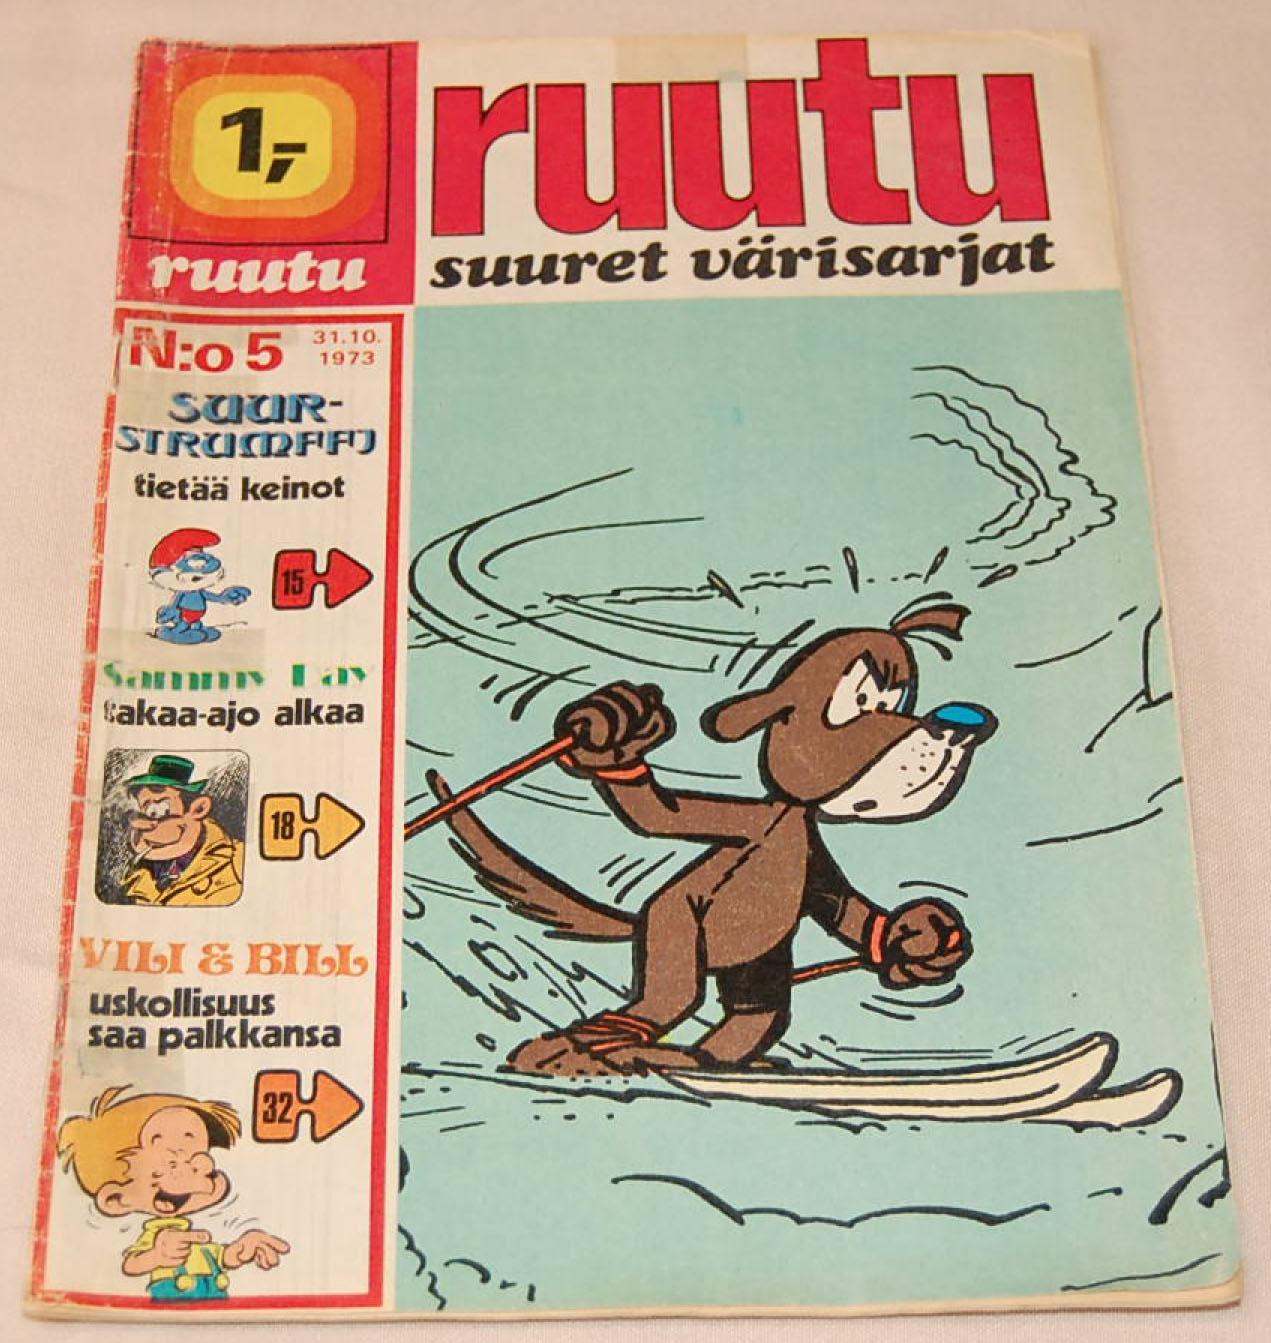 Vanhoja Ruutu-lehtiä löytyy divareista ja niiden verkkokaupoista.